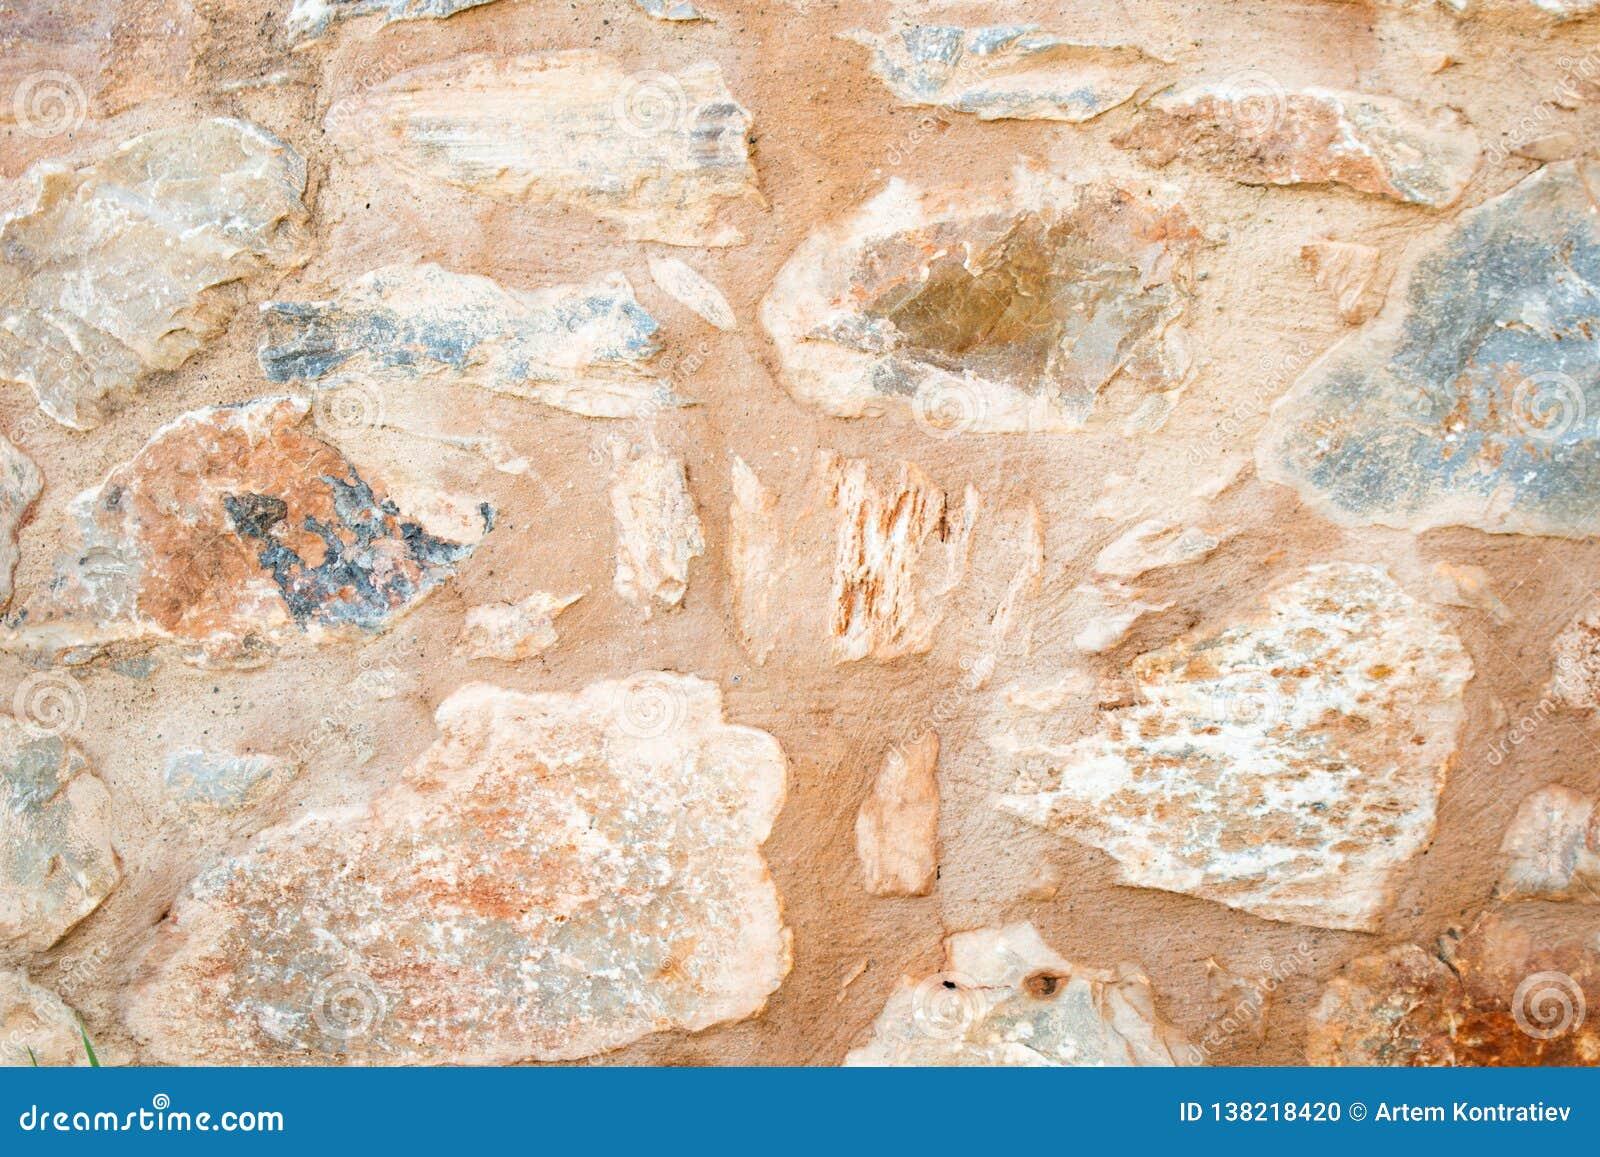 Beschaffenheit einer Steinwand Alter Schlosssteinwand-Beschaffenheitshintergrund Stein- und Wandbeschaffenheit Briks